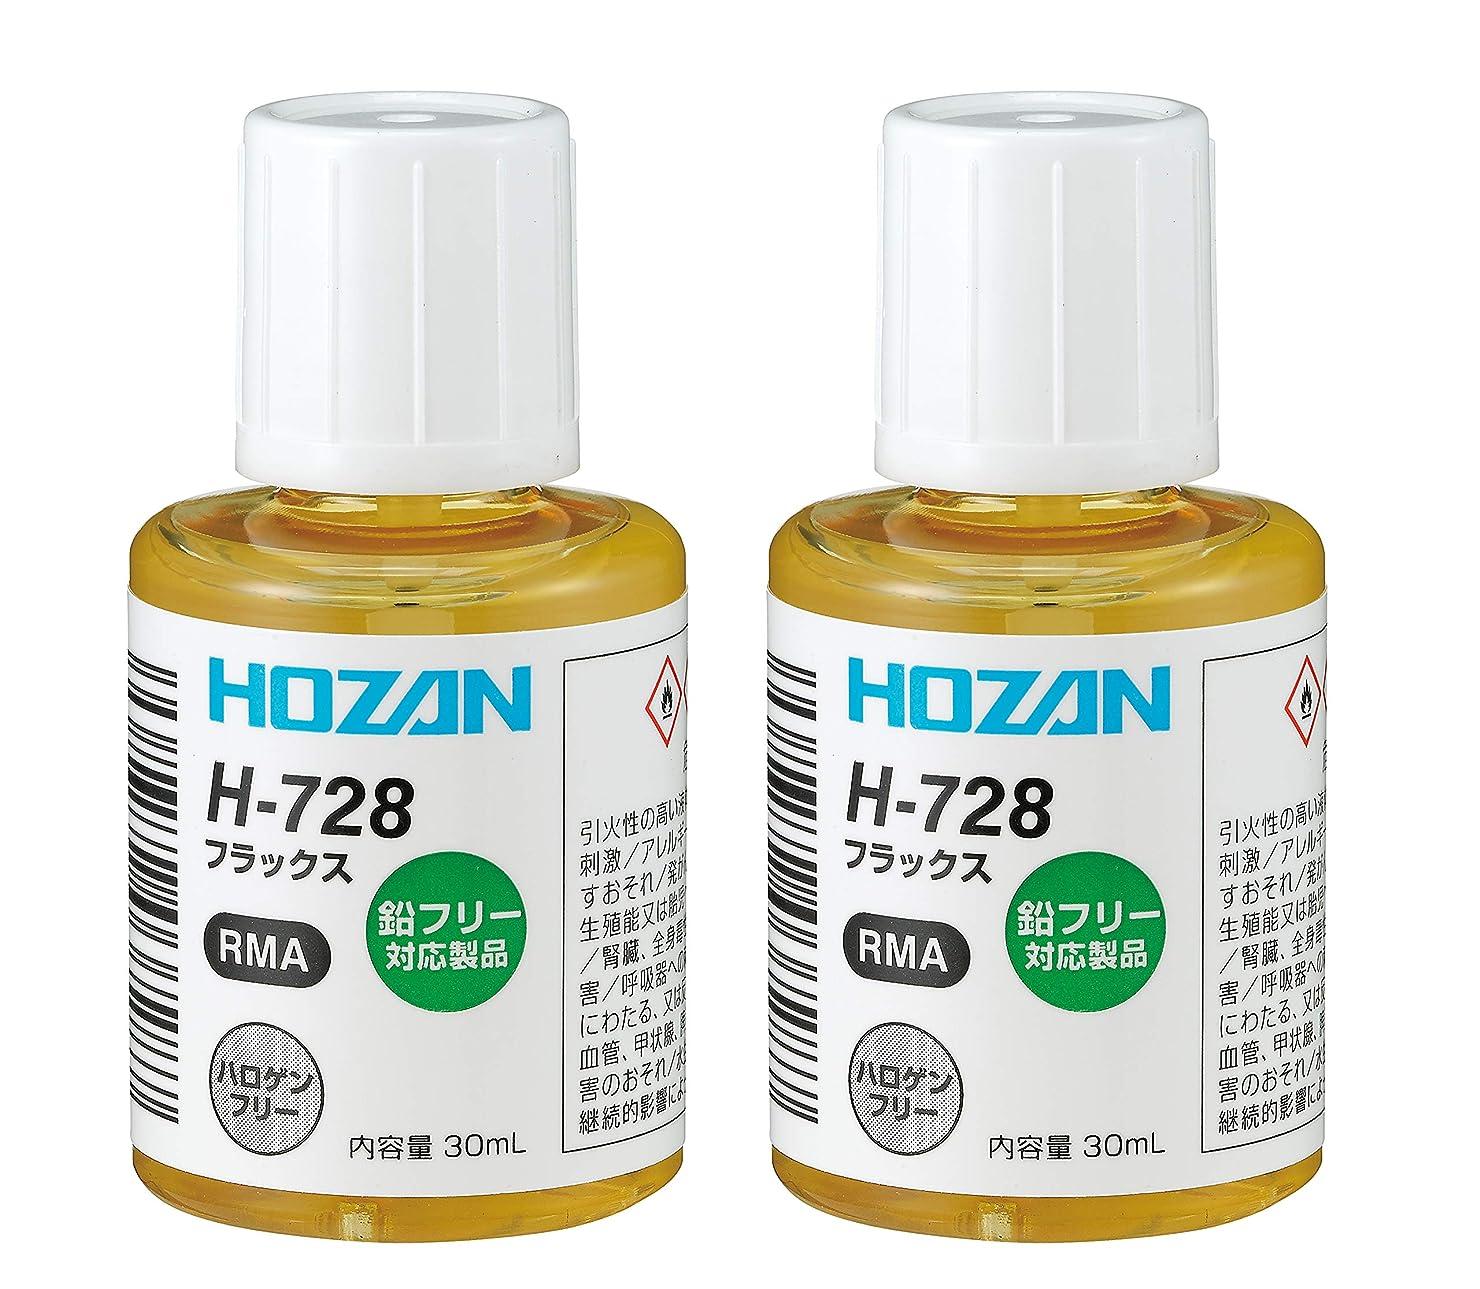 卑しい評価解釈する【Amazon.co.jp 限定】ホーザン(HOZAN) フラックス H-728AZ 2個セット 鉛フリー対応製品 便利なハケ付きキャップ付